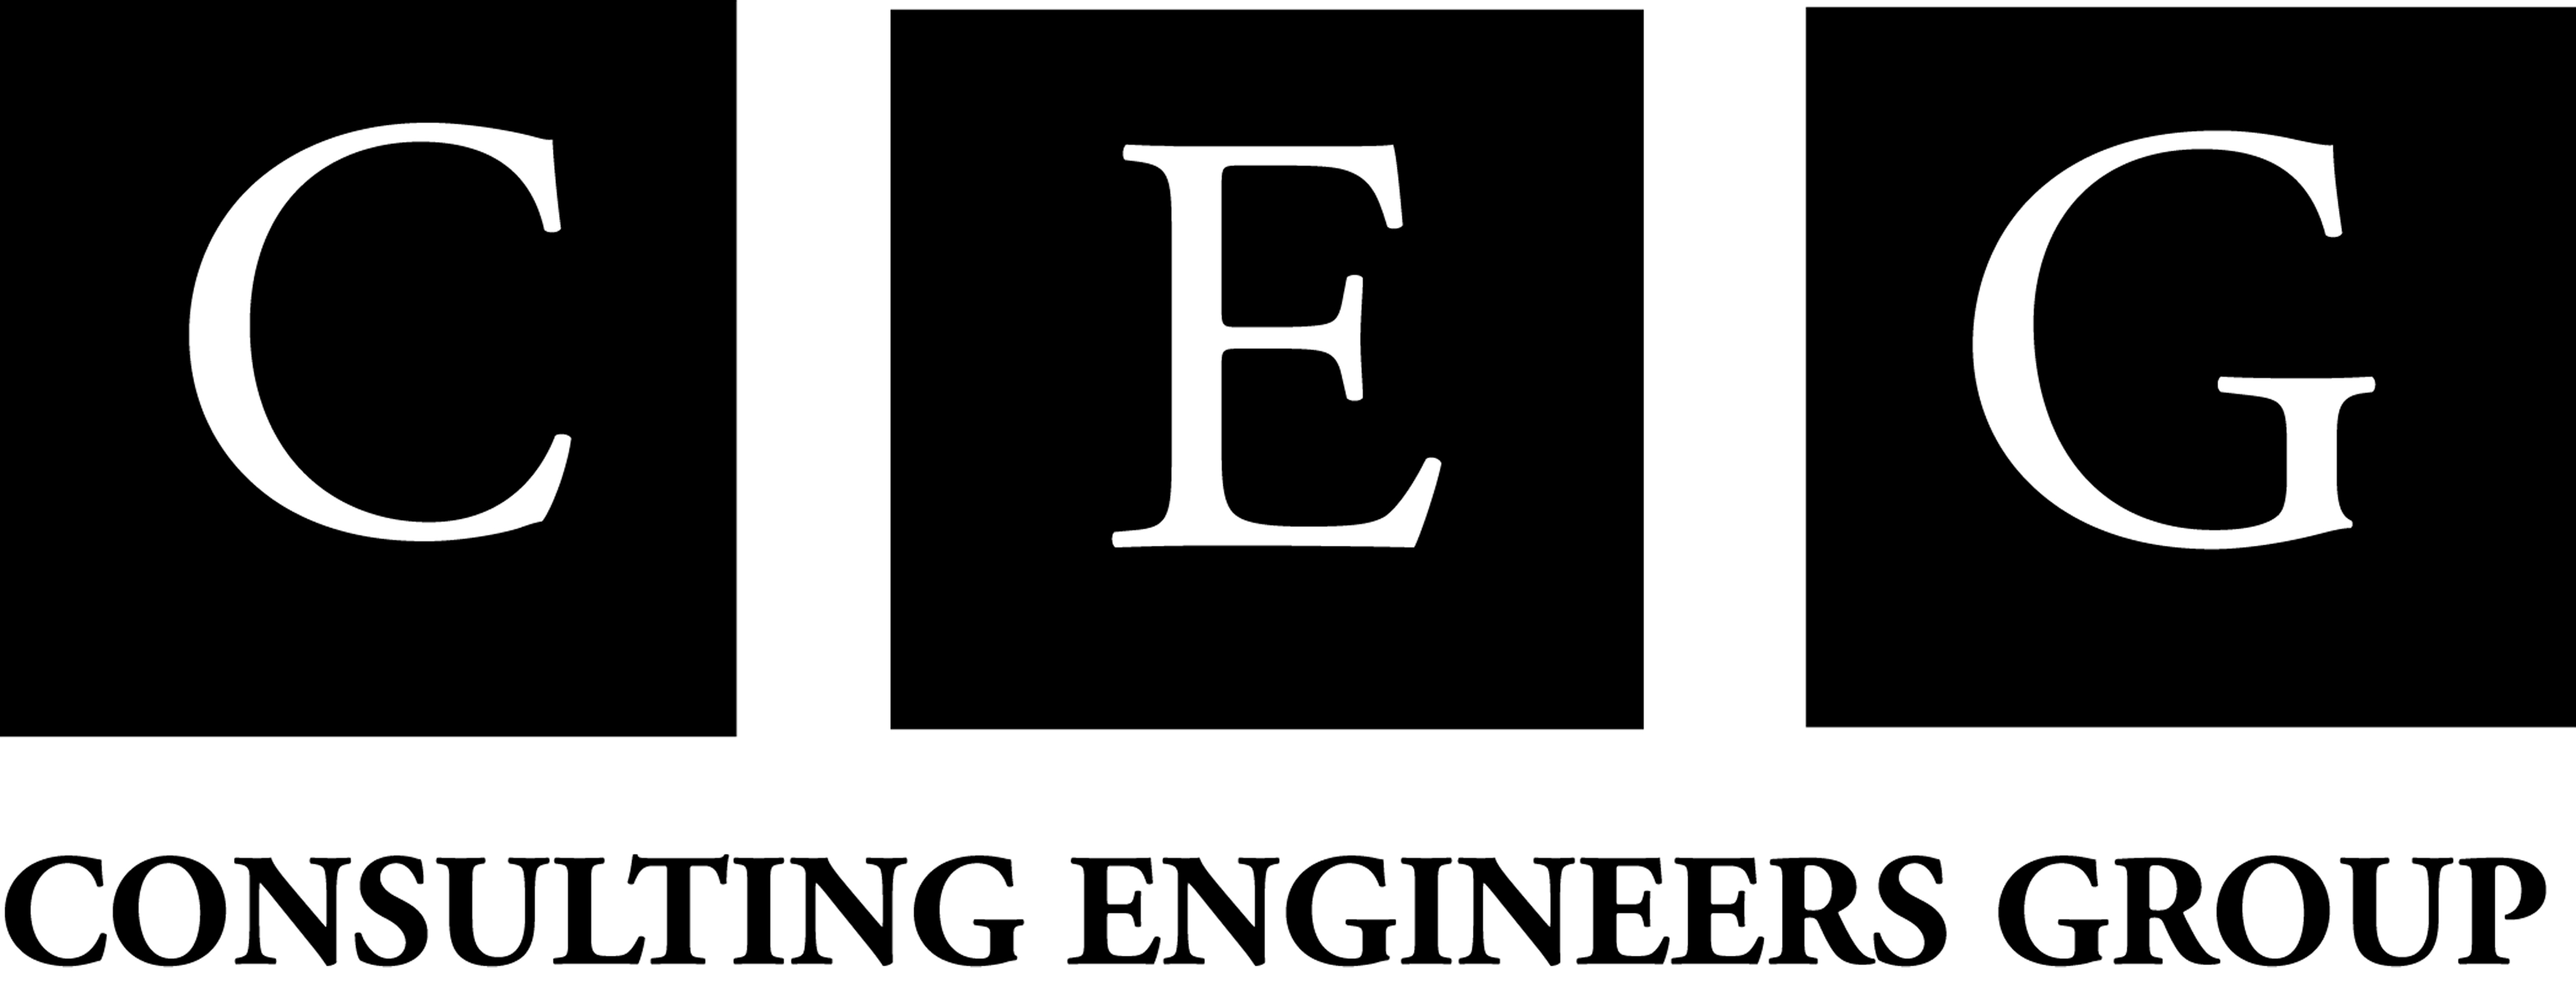 CEG logo